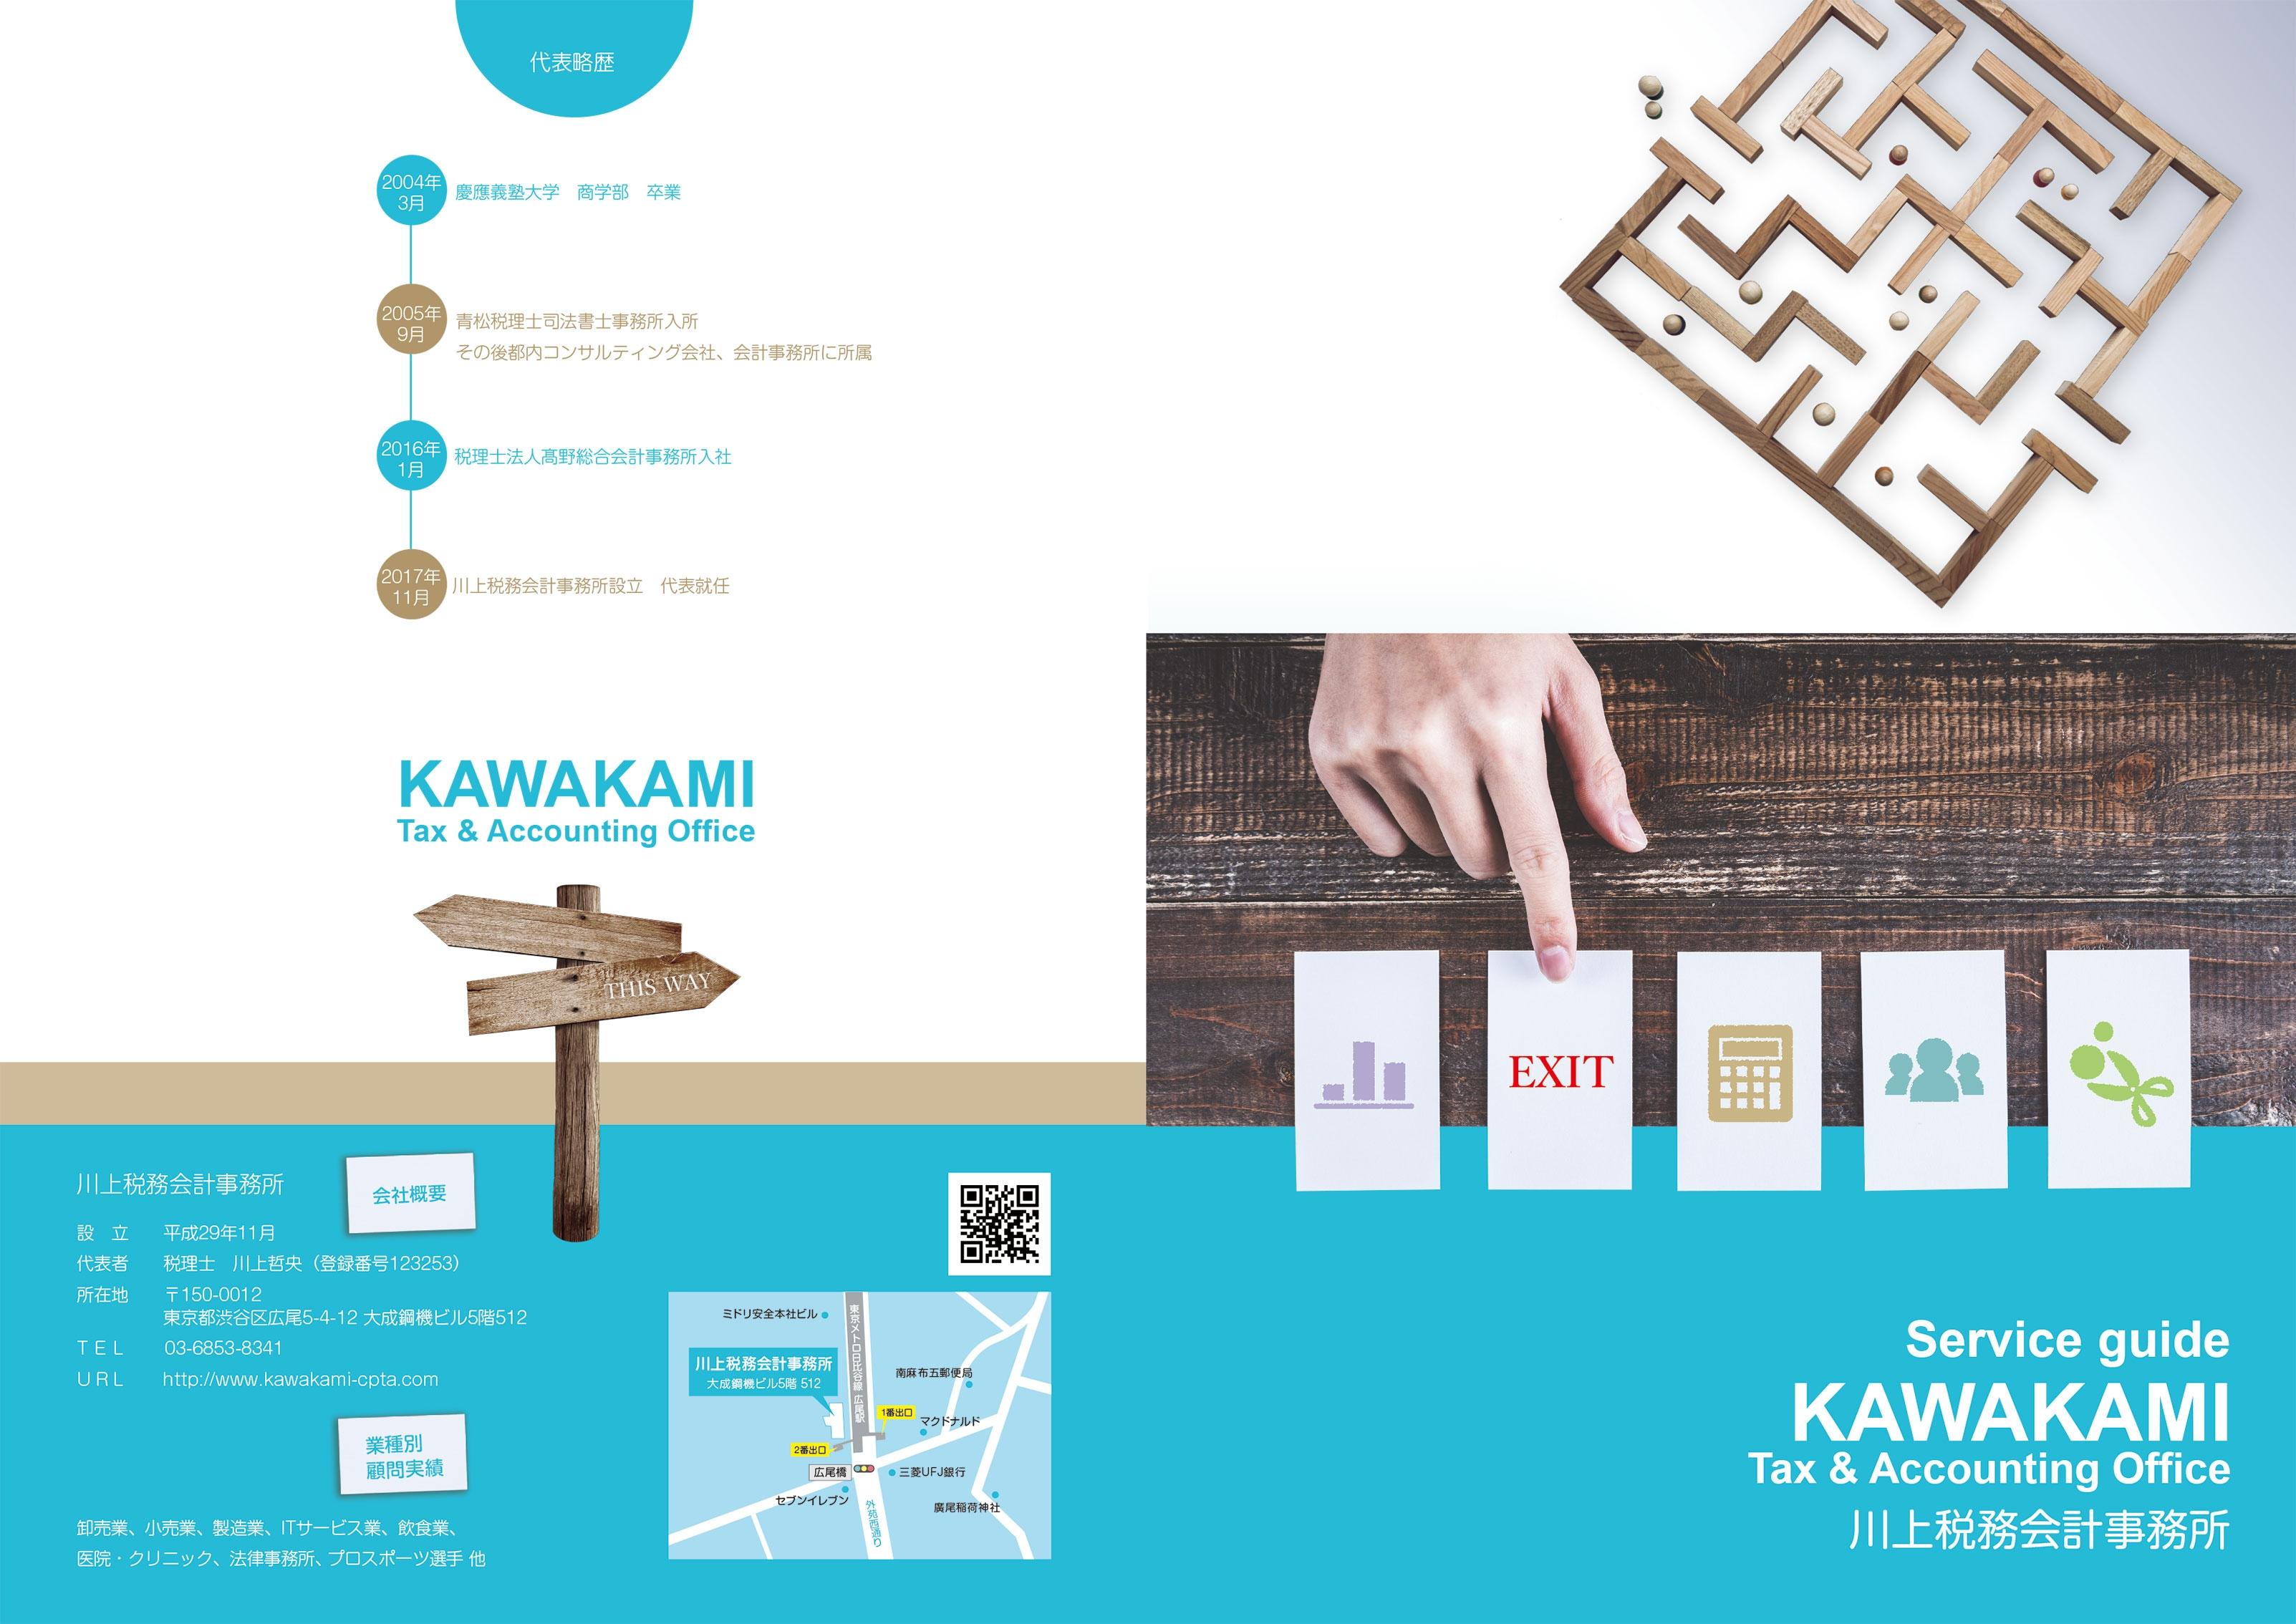 会社案内の制作デザイン実績|川上税務会計事務所|会社案内、パンフレット、カタログ、ポスター制作の株式会社ファインプロス